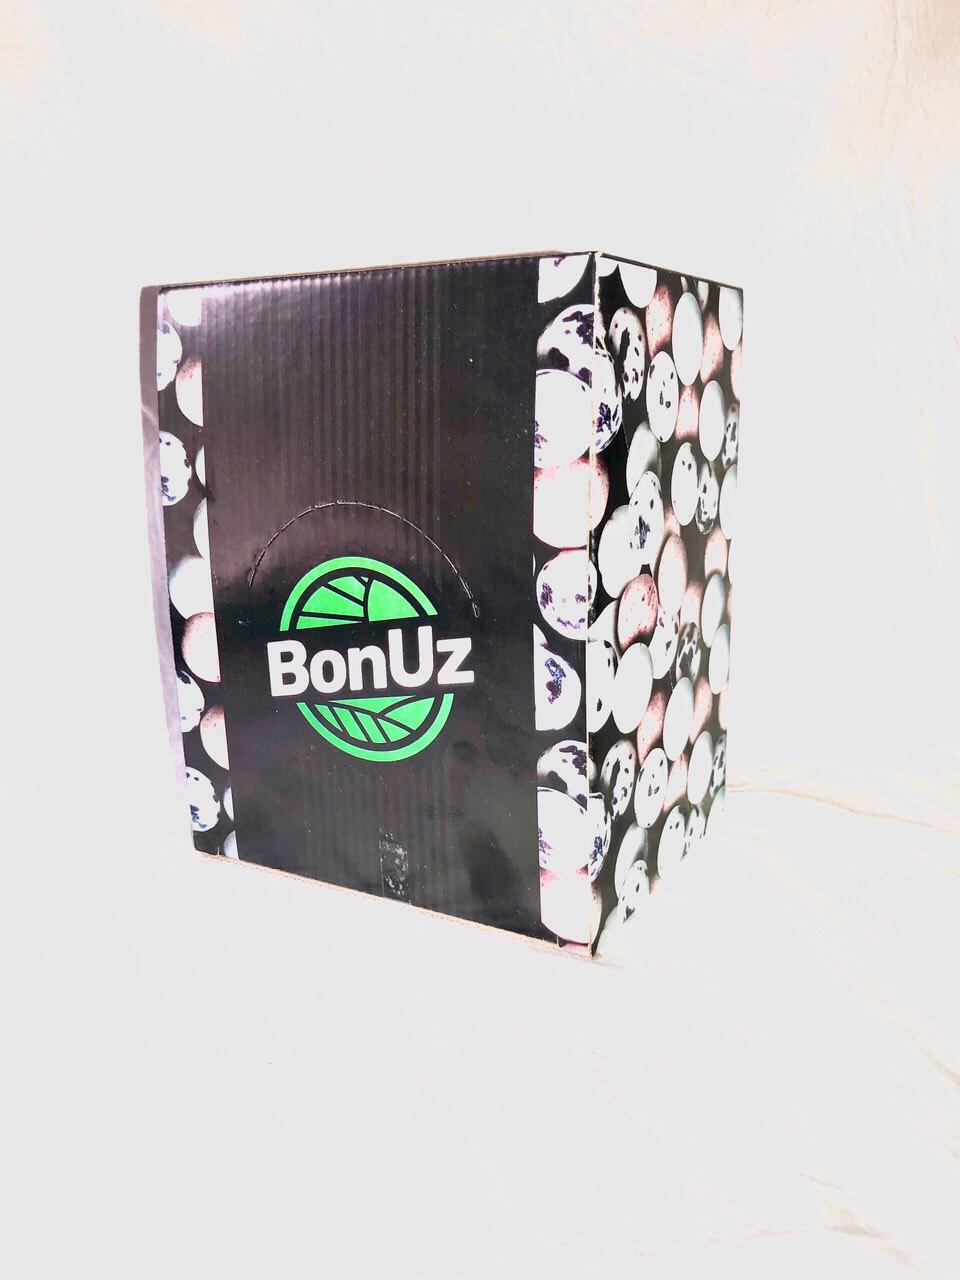 BonUz クルット 30個まとめ買いセット(箱入り)